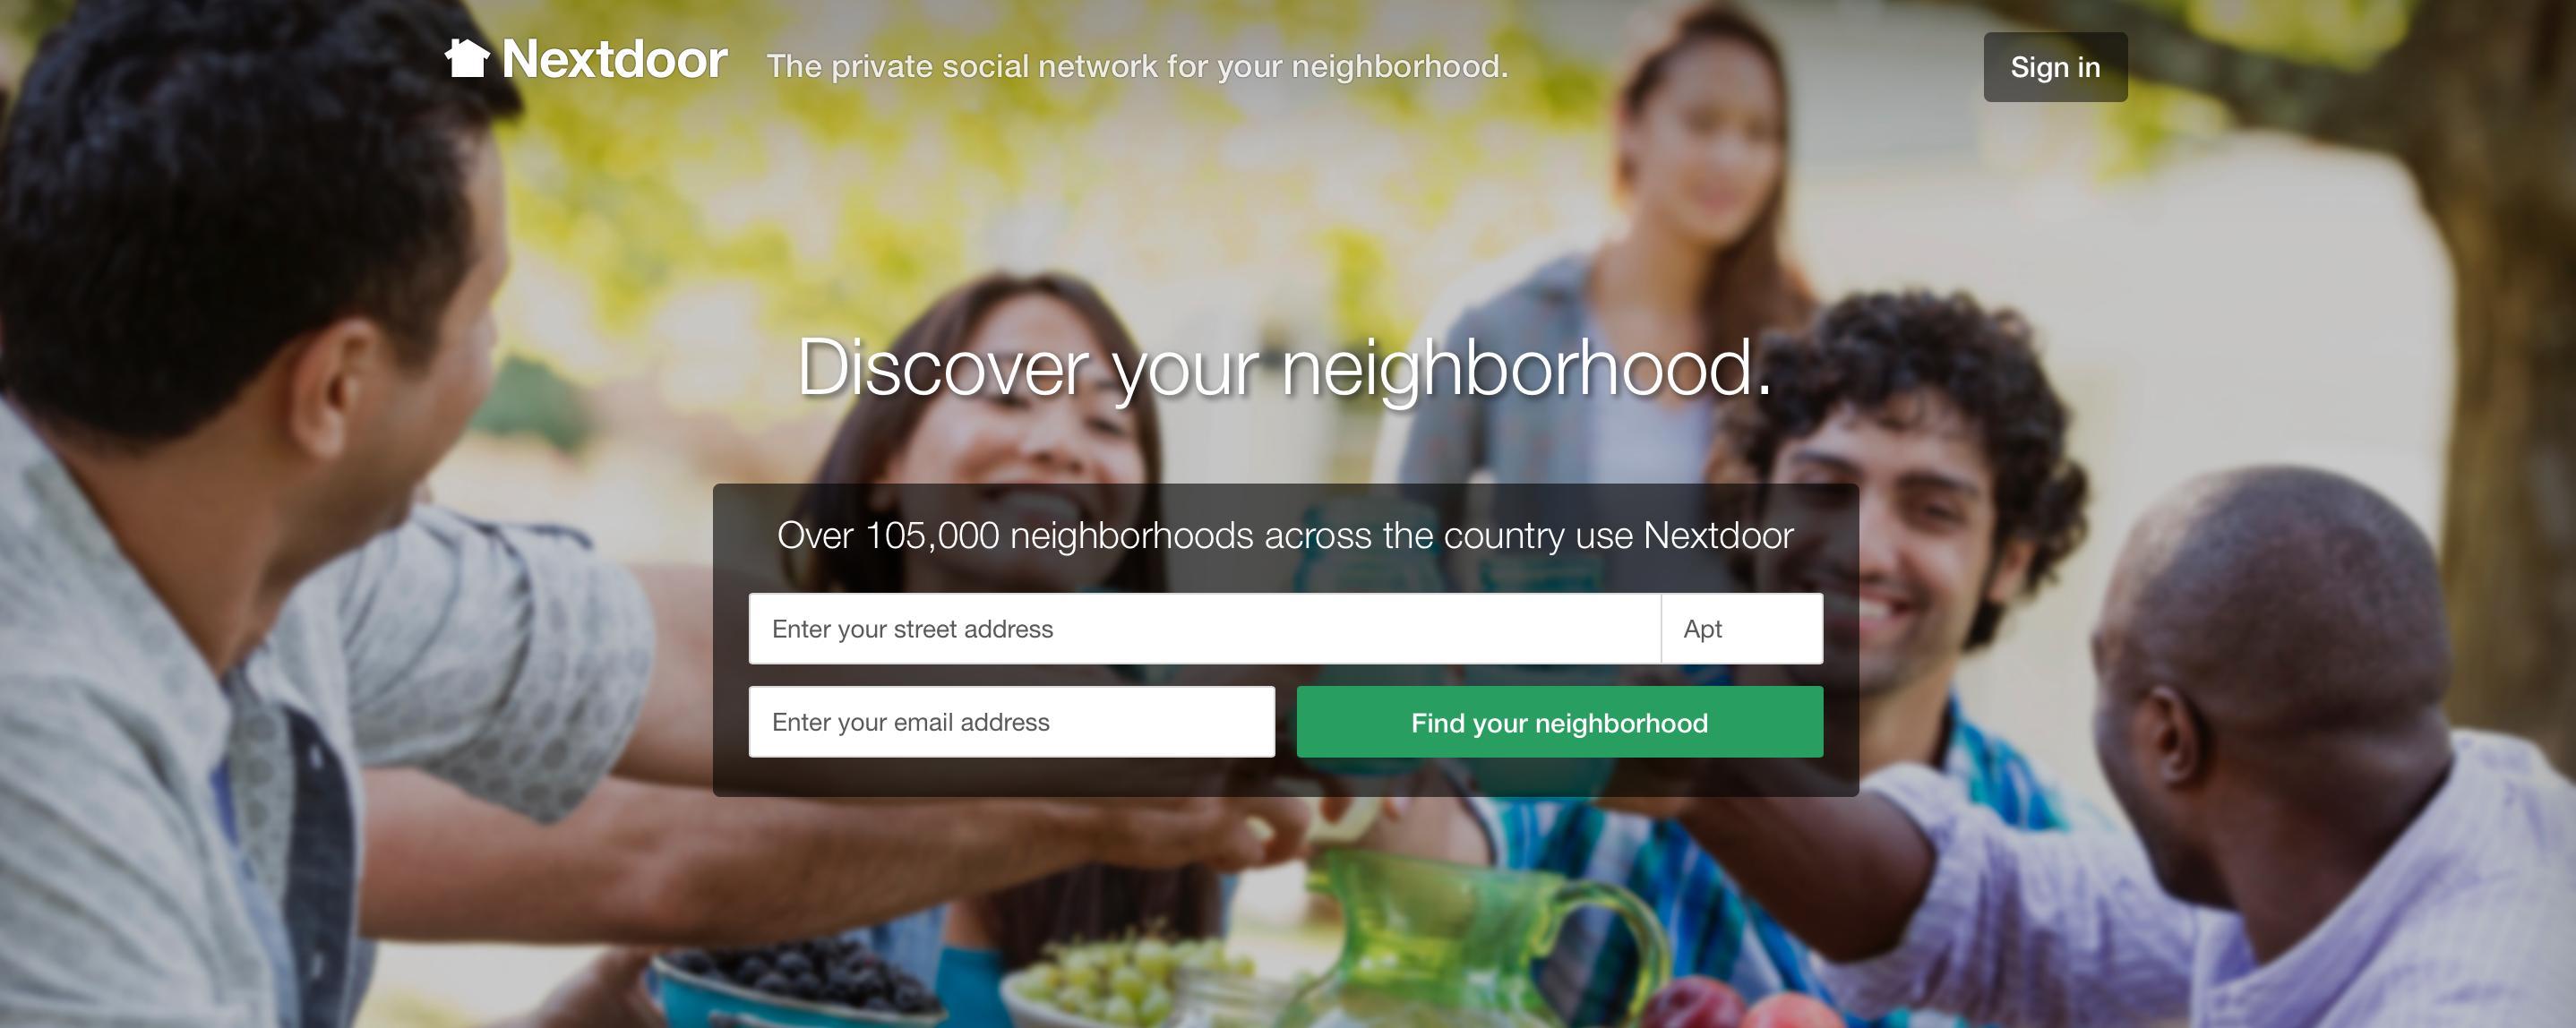 Nextdoor neighborhood website